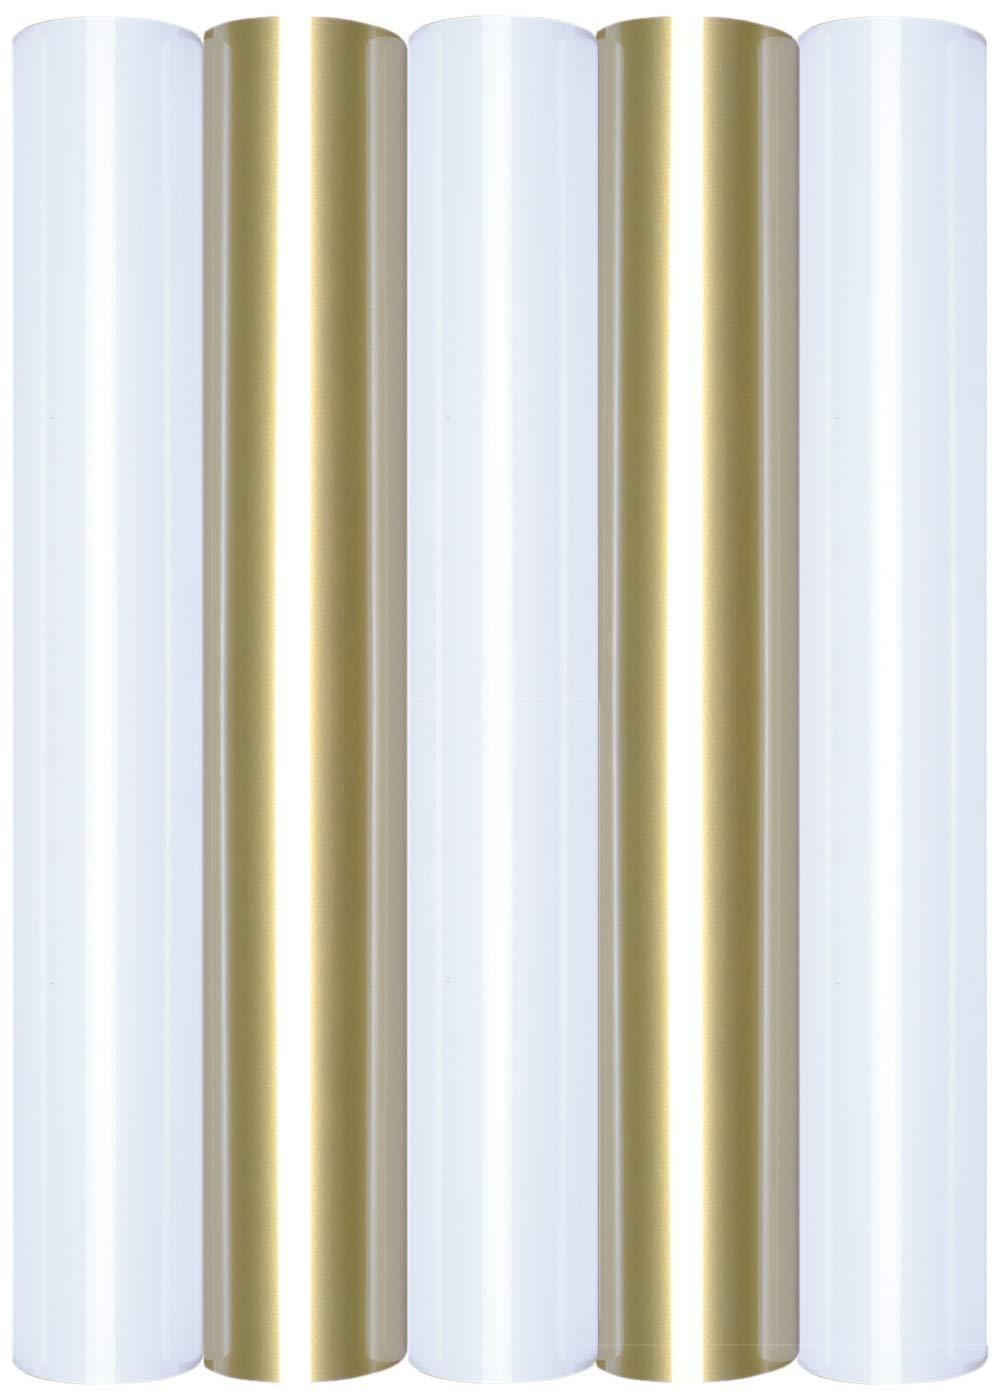 5 láminas de transferencia A4 para planchar sobre textiles, perfectas para plotter, P.S. Film:5er Set White&Gold: Amazon.es: Oficina y papelería